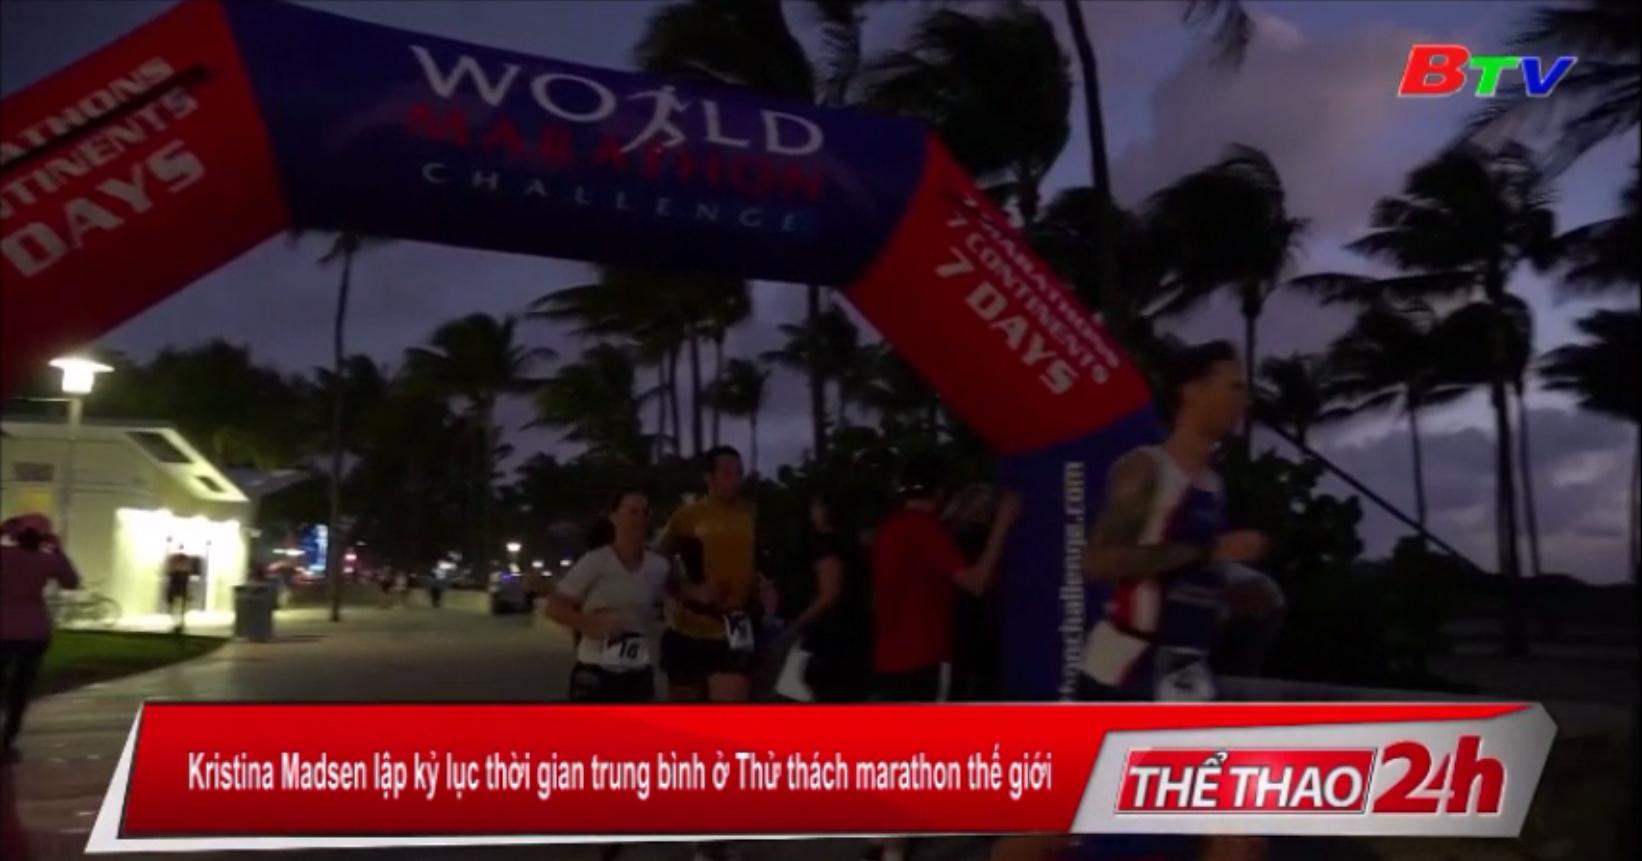 Kristina Madsen lập kỷ lục thời gian trung bình ở Thử thách Marathon thế giới